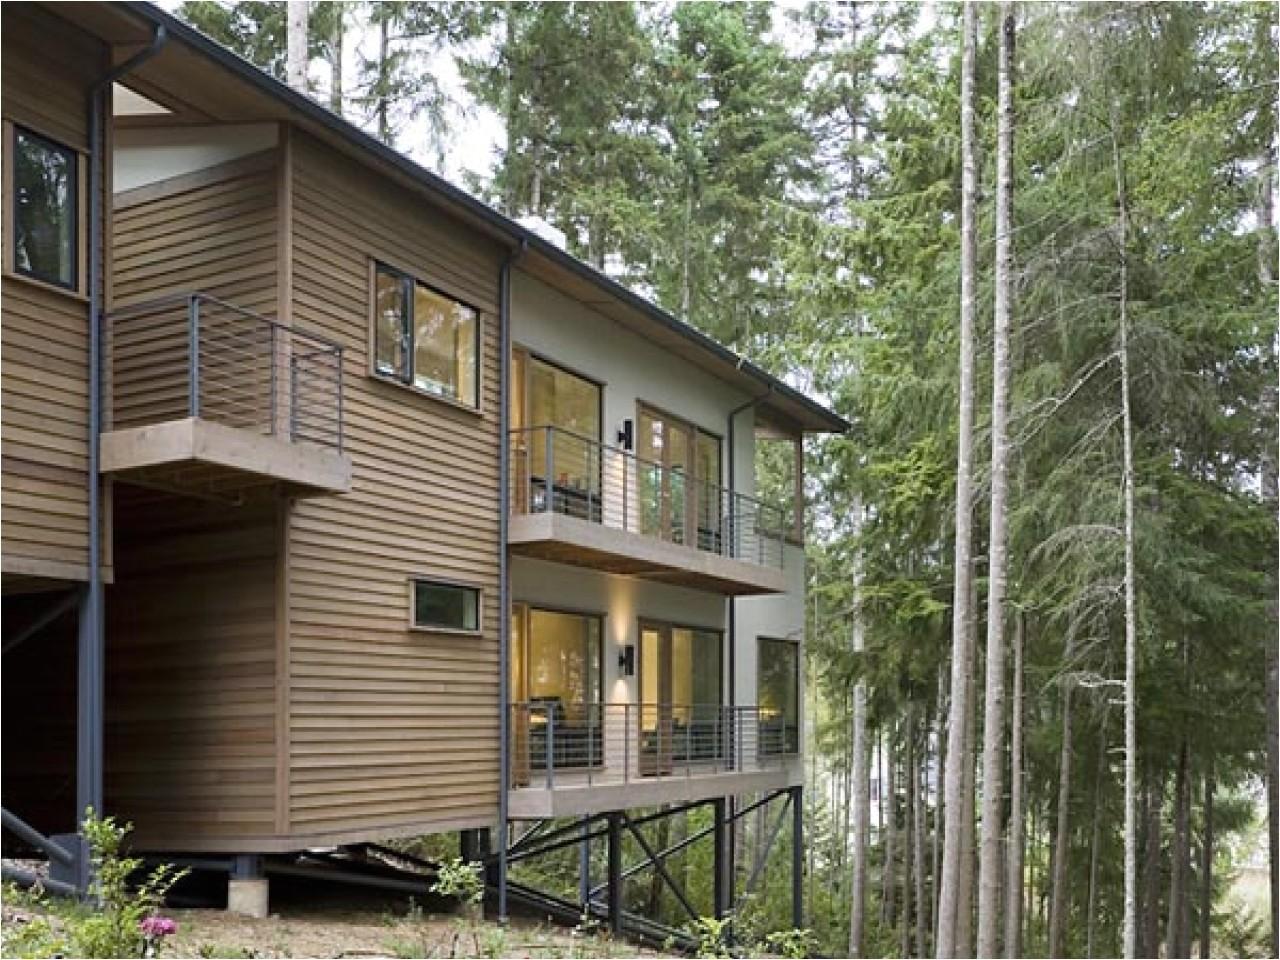 c2b9f04f0a8d76d9 steep hillside house plans built into hillside house plans